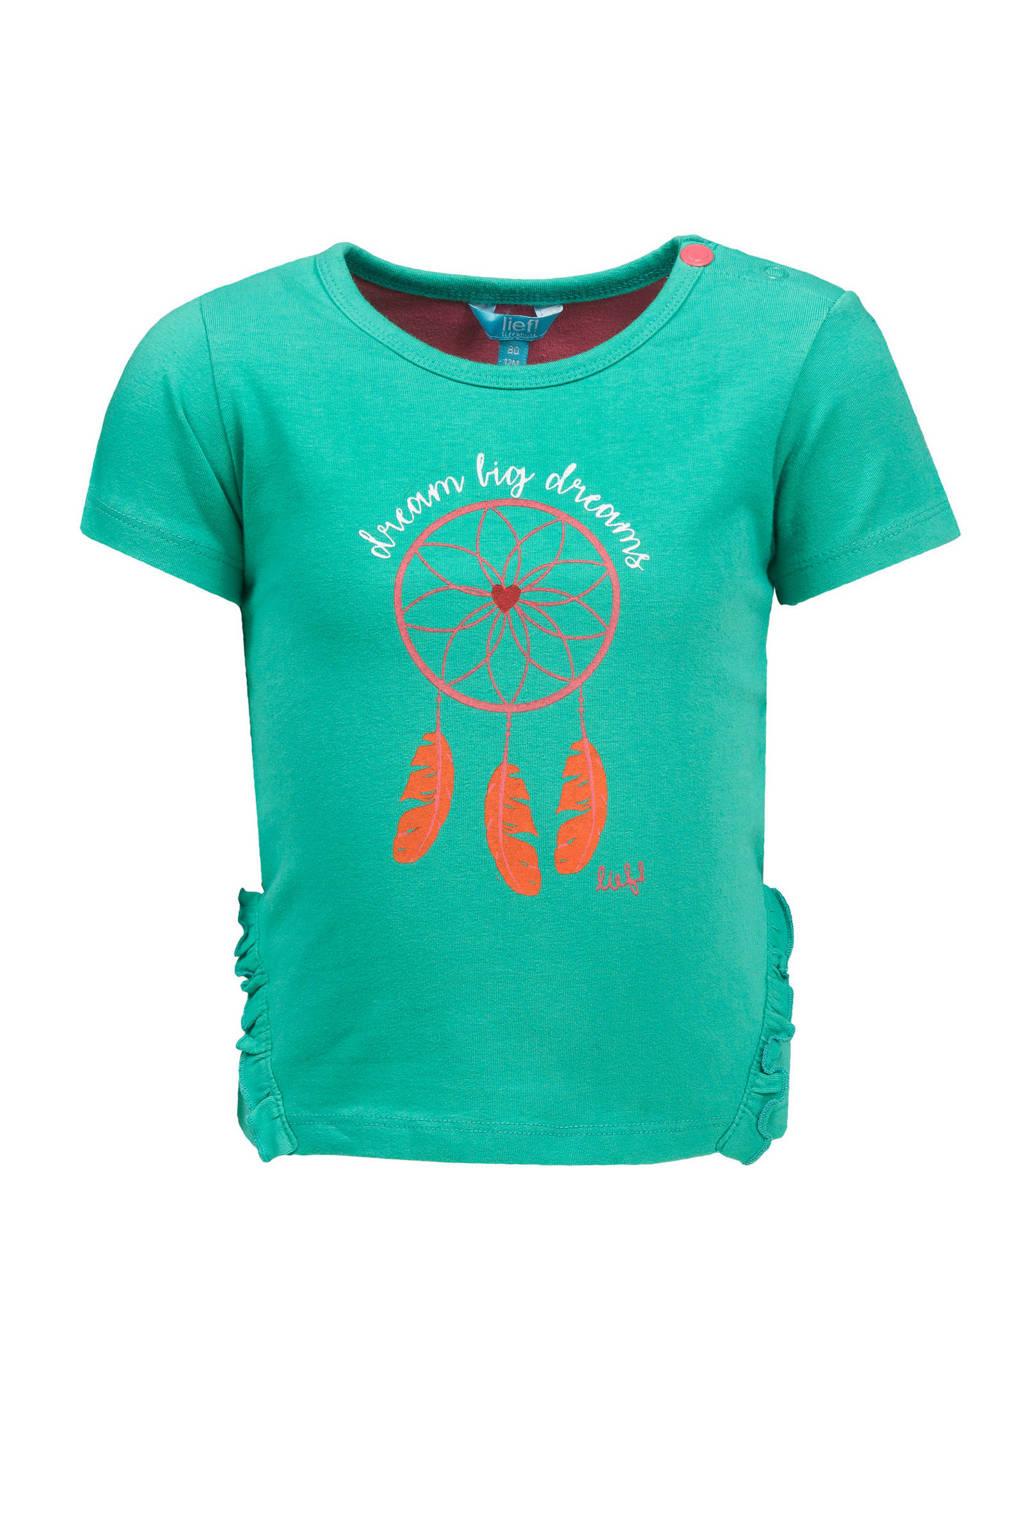 lief! T-shirt met printopdruk zeegroen, Zeegroen